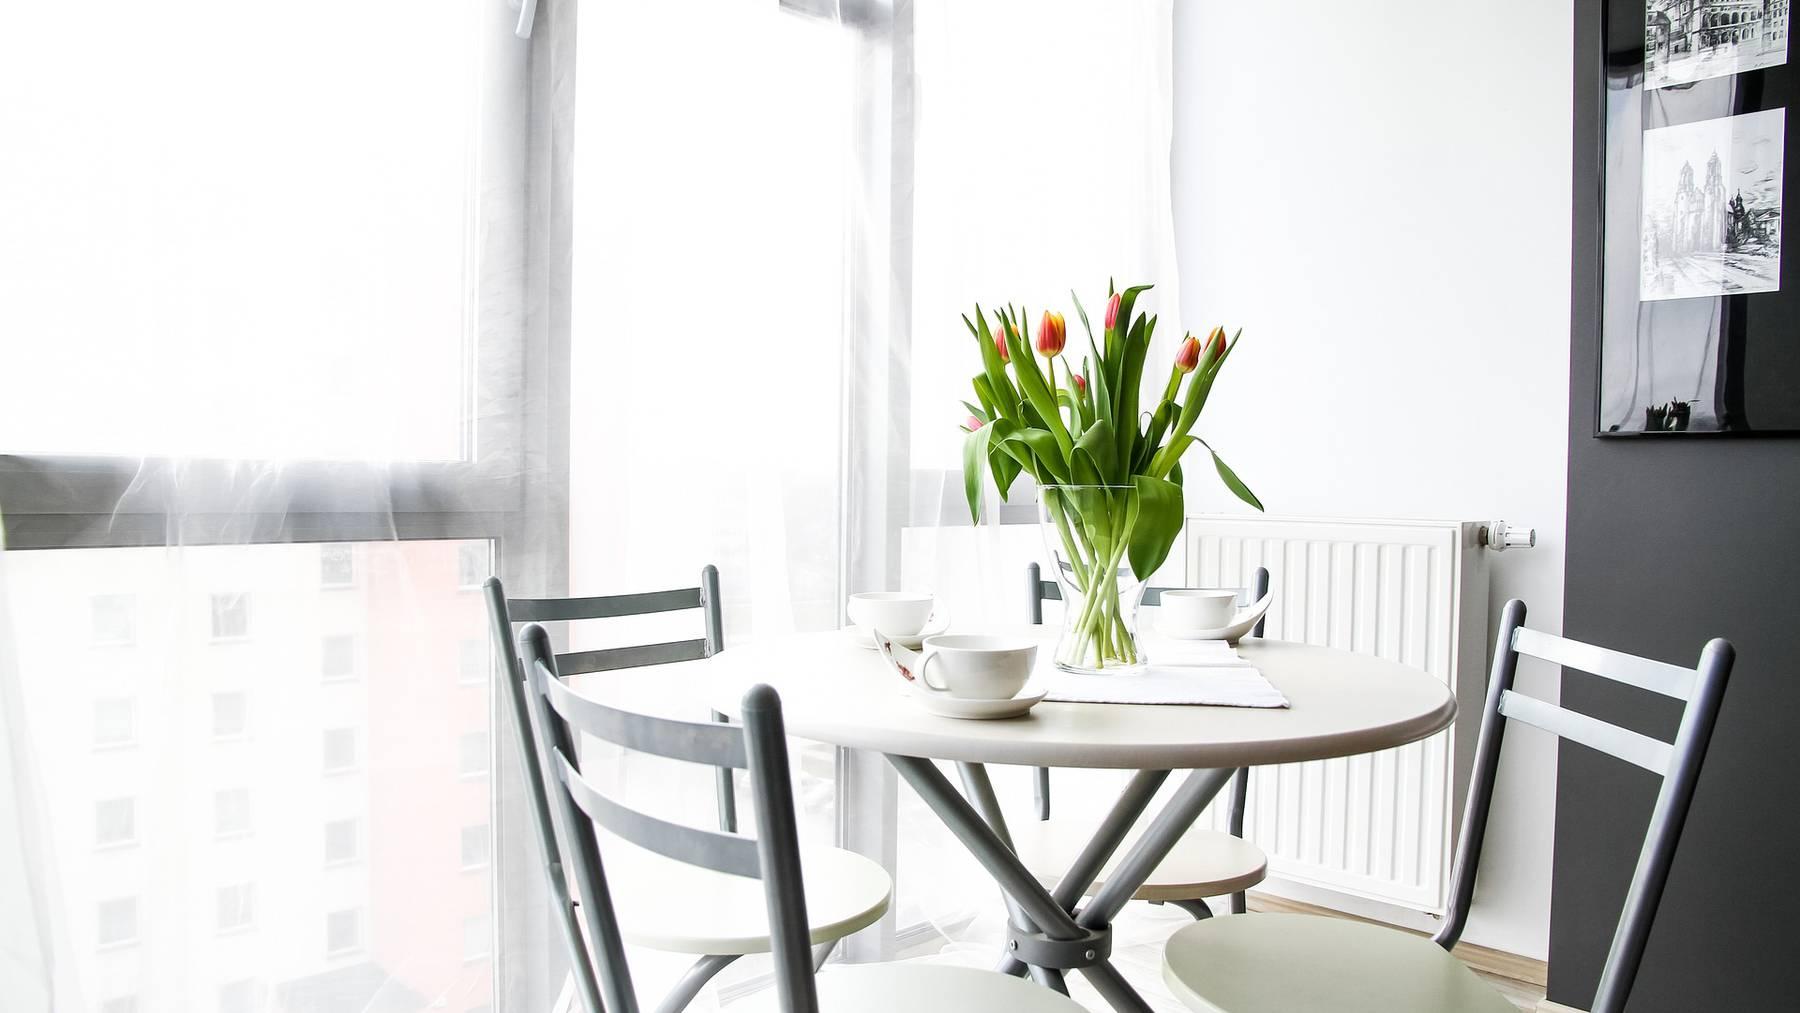 Wieder mehr leere Wohnungen in Luzern